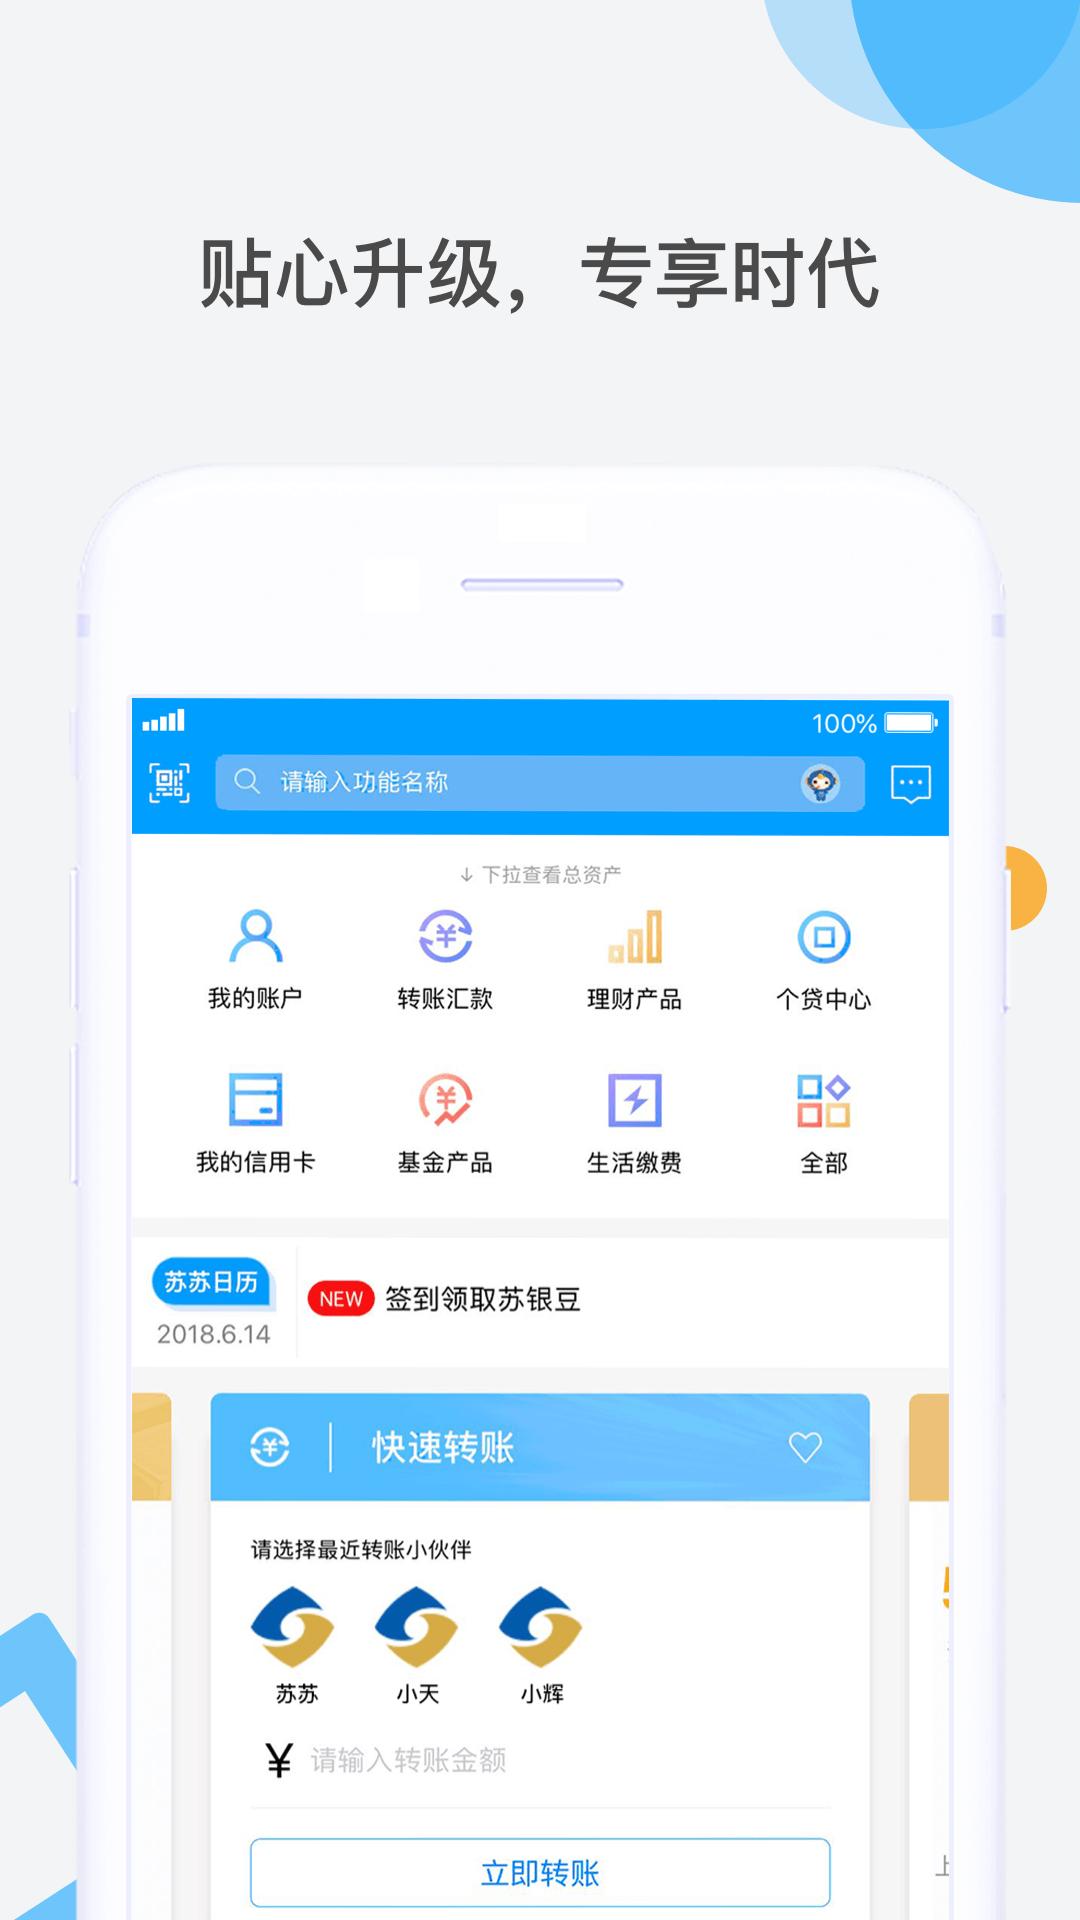 江苏银行手机银行客户端截图